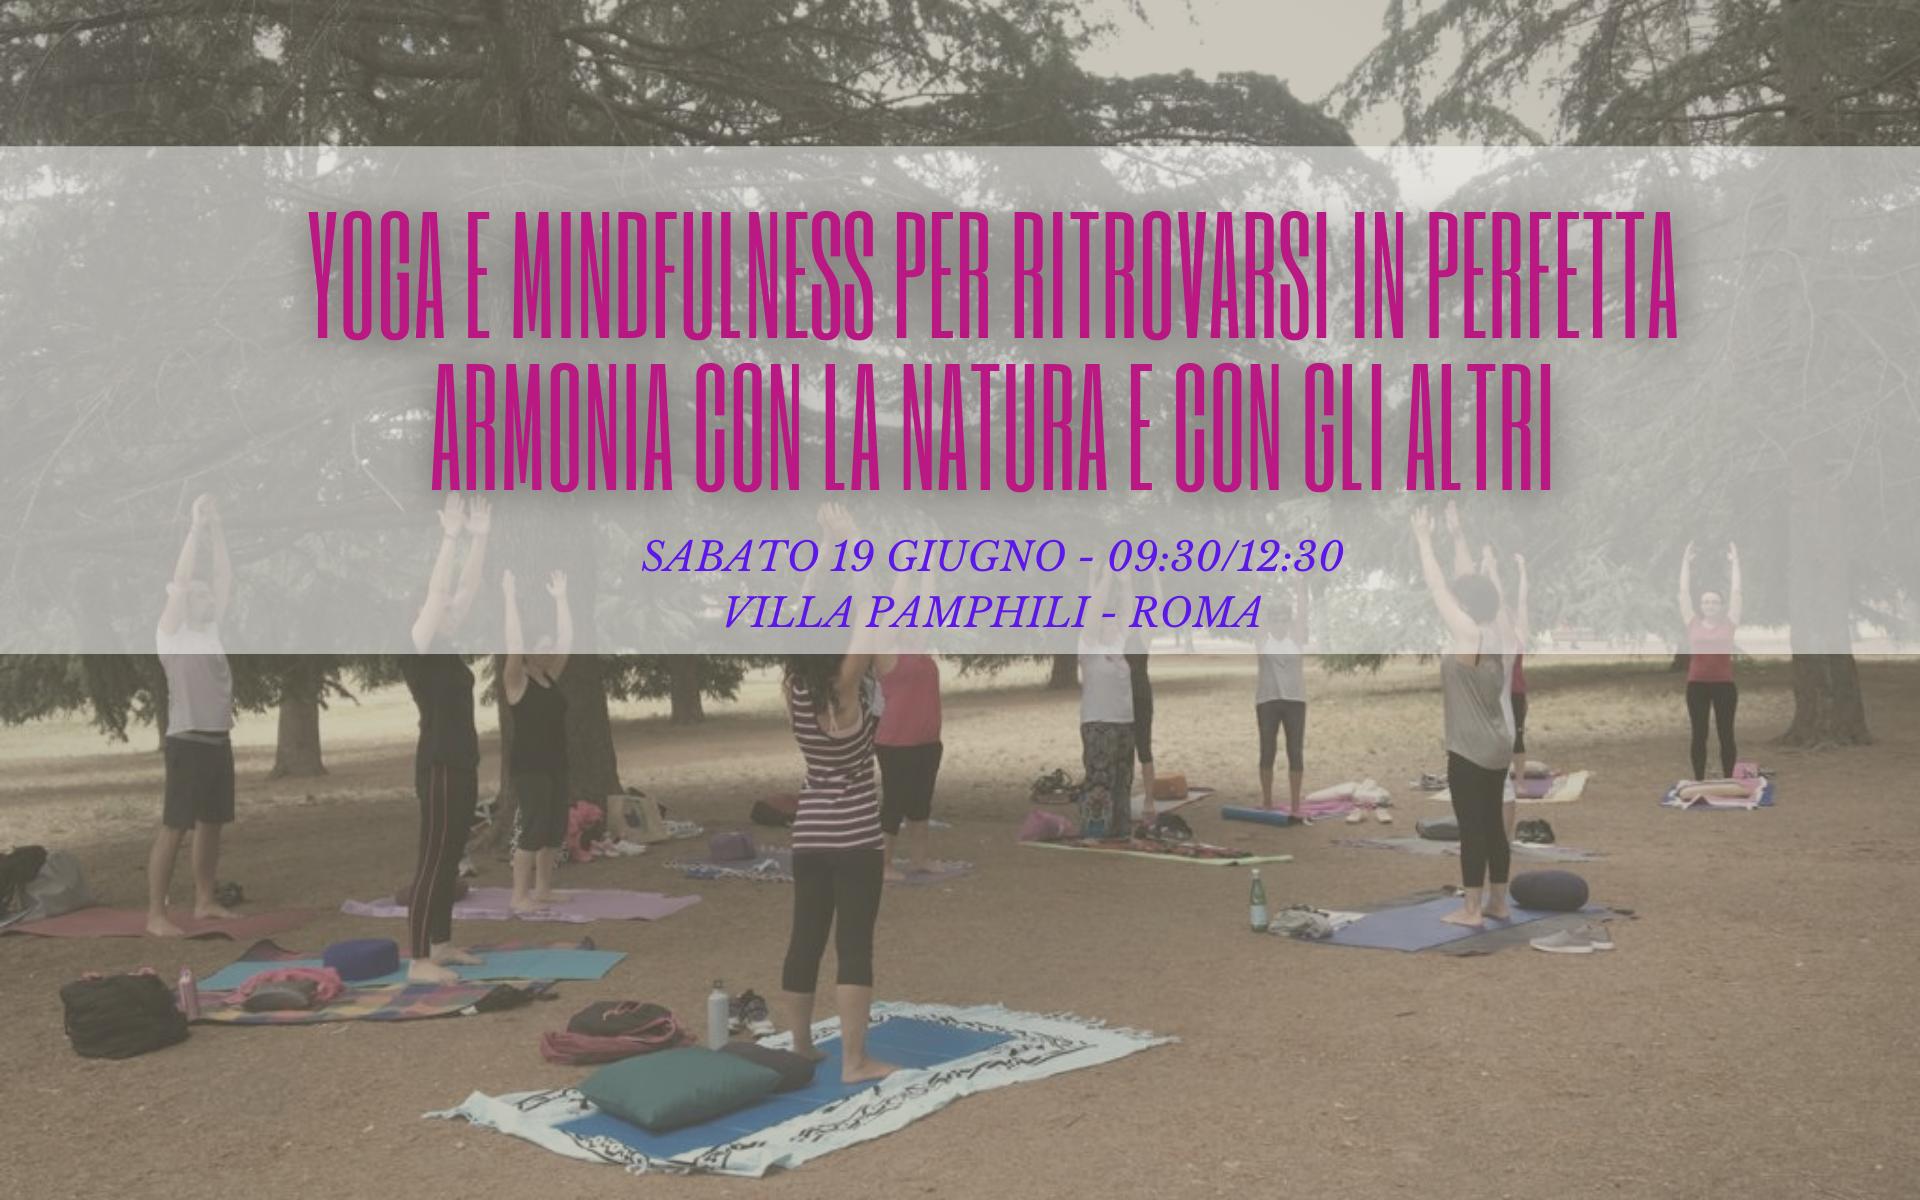 Yoga e Mindfulness: per ritrovarsi in perfetta armonia con la Natura e con gli altri